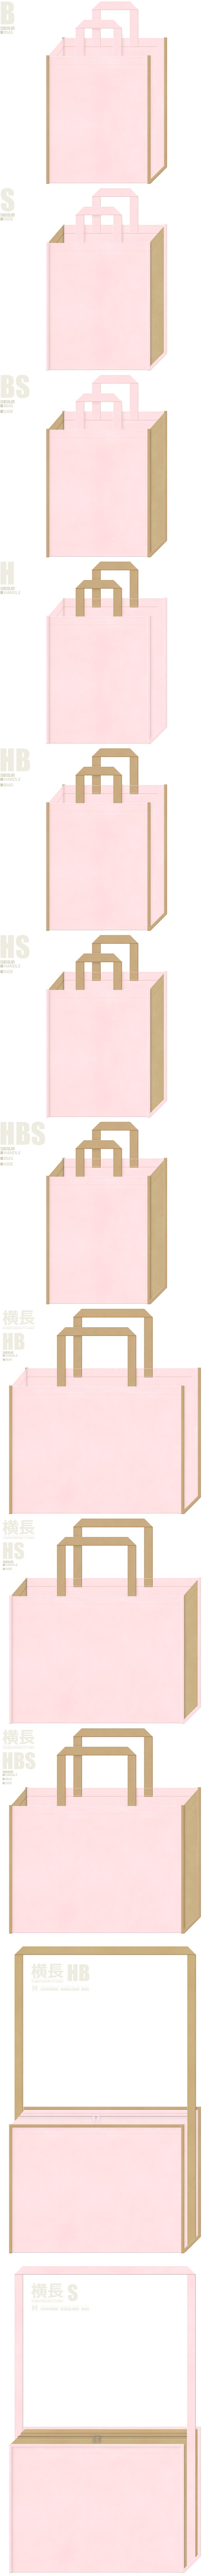 ペットショップ・ペットサロン・ペット用品・ペットフード・アニマルケア・ベアー・小鹿・ぬいぐるみ・手芸・ガーデニング・ガーリーデザインにお奨めの不織布バッグデザイン:桜色とカーキ色の配色7パターン。